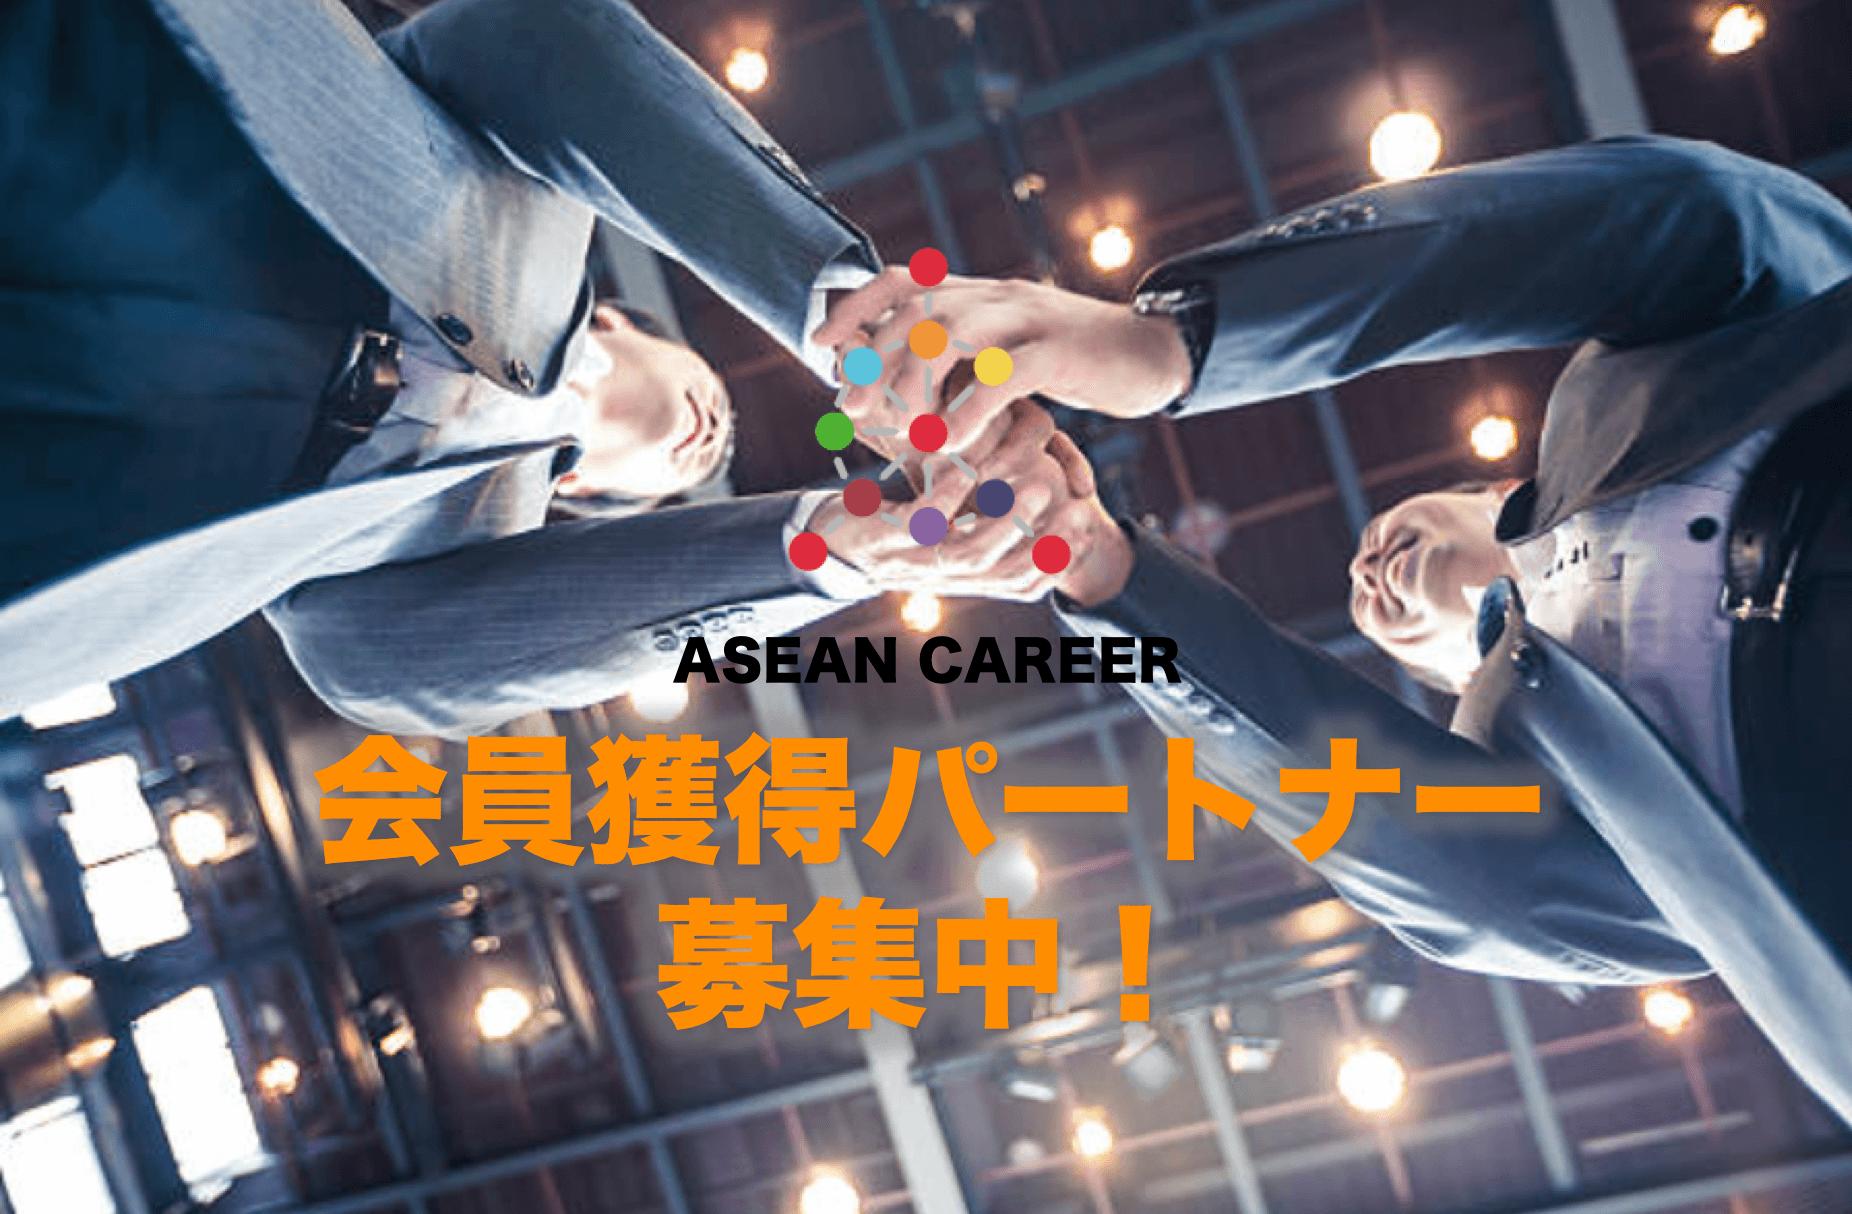 """【SmartPhone持ってればOK】2020年に卒業予定の学生に""""ASEAN CAREER""""を紹介する簡単アルバイト★"""